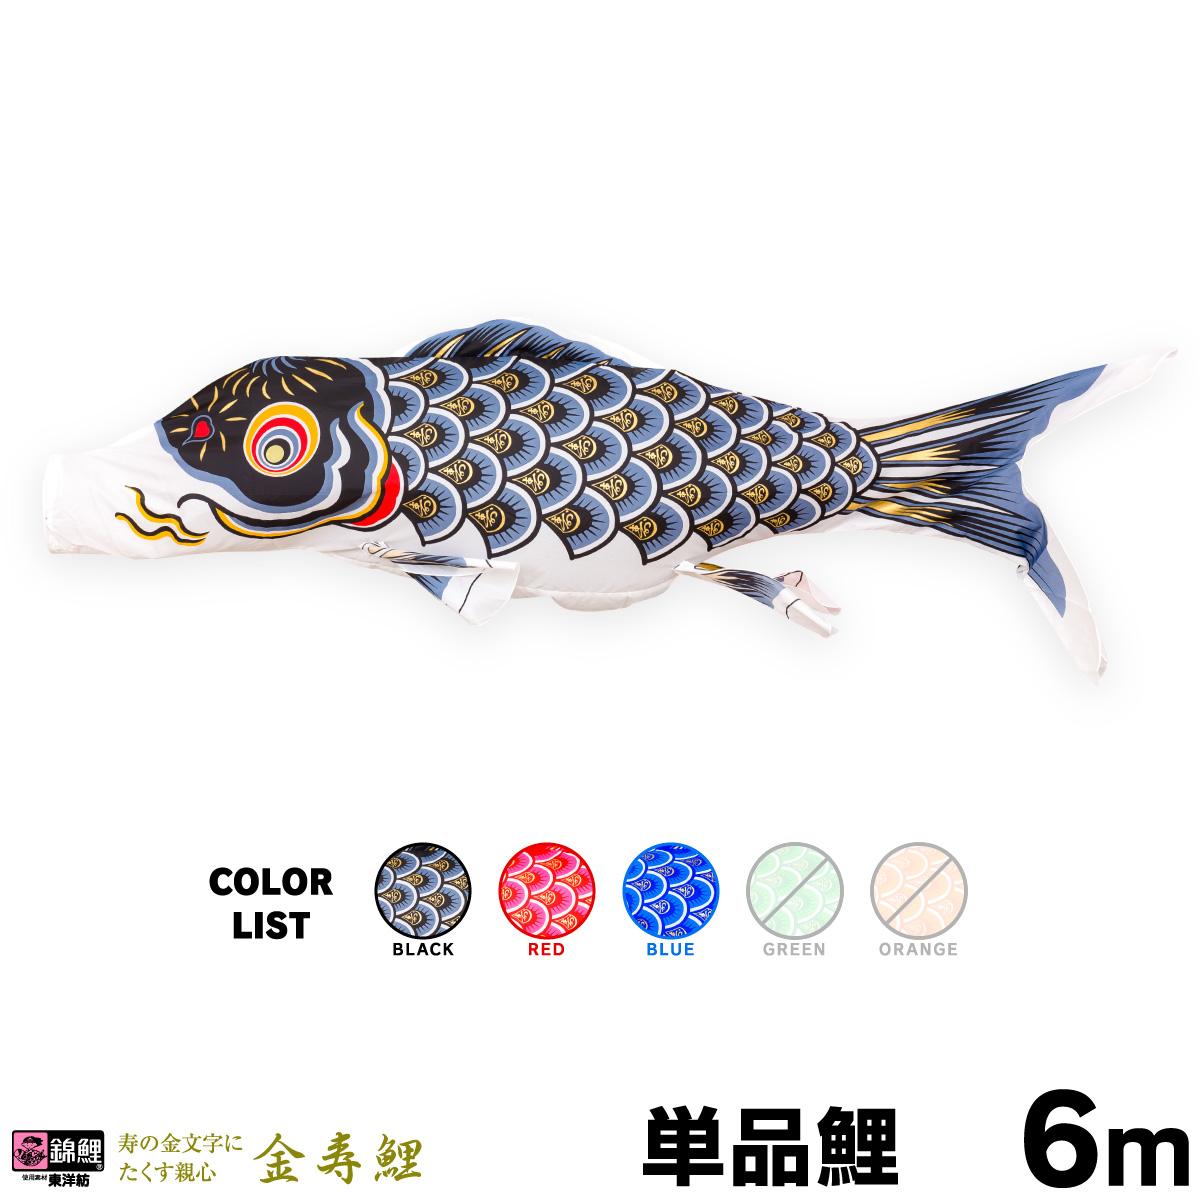 【こいのぼり 単品】 金寿鯉 6m 単品鯉